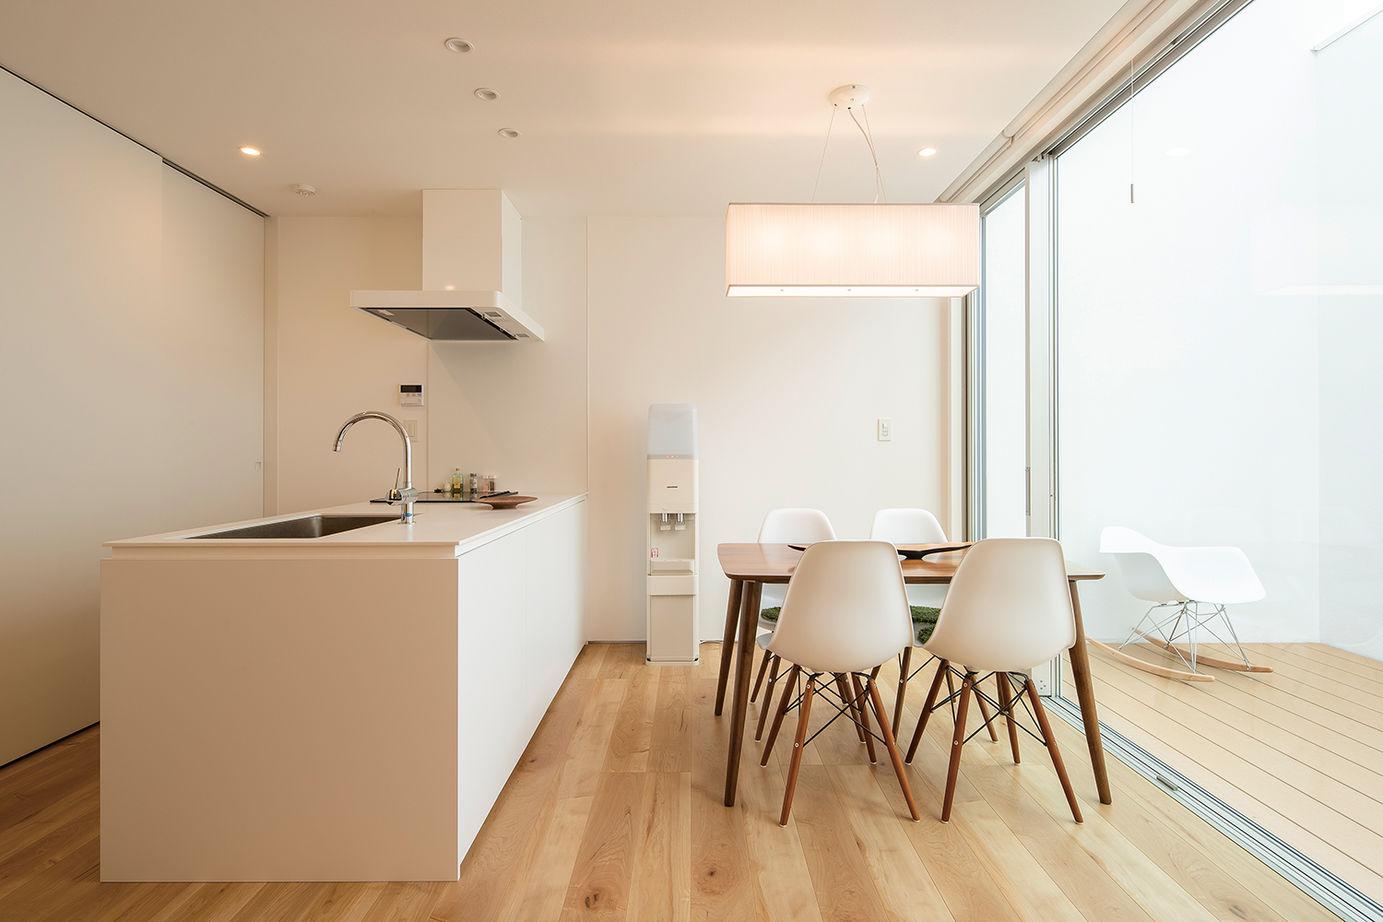 【延床28坪・1945万円】窓がない個性的な外観。室内は明るく、プライベート感満点のシンプルハウス画像1